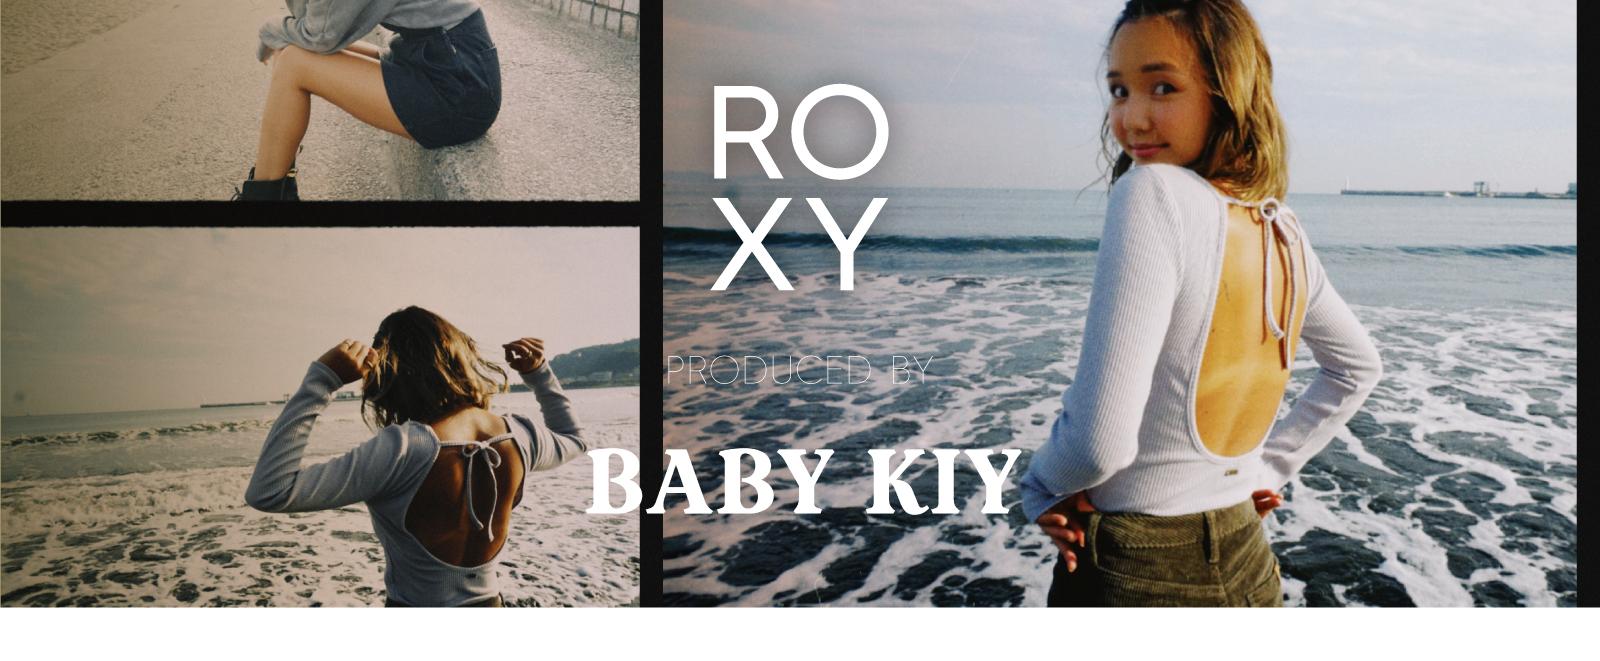 BABY-KIY